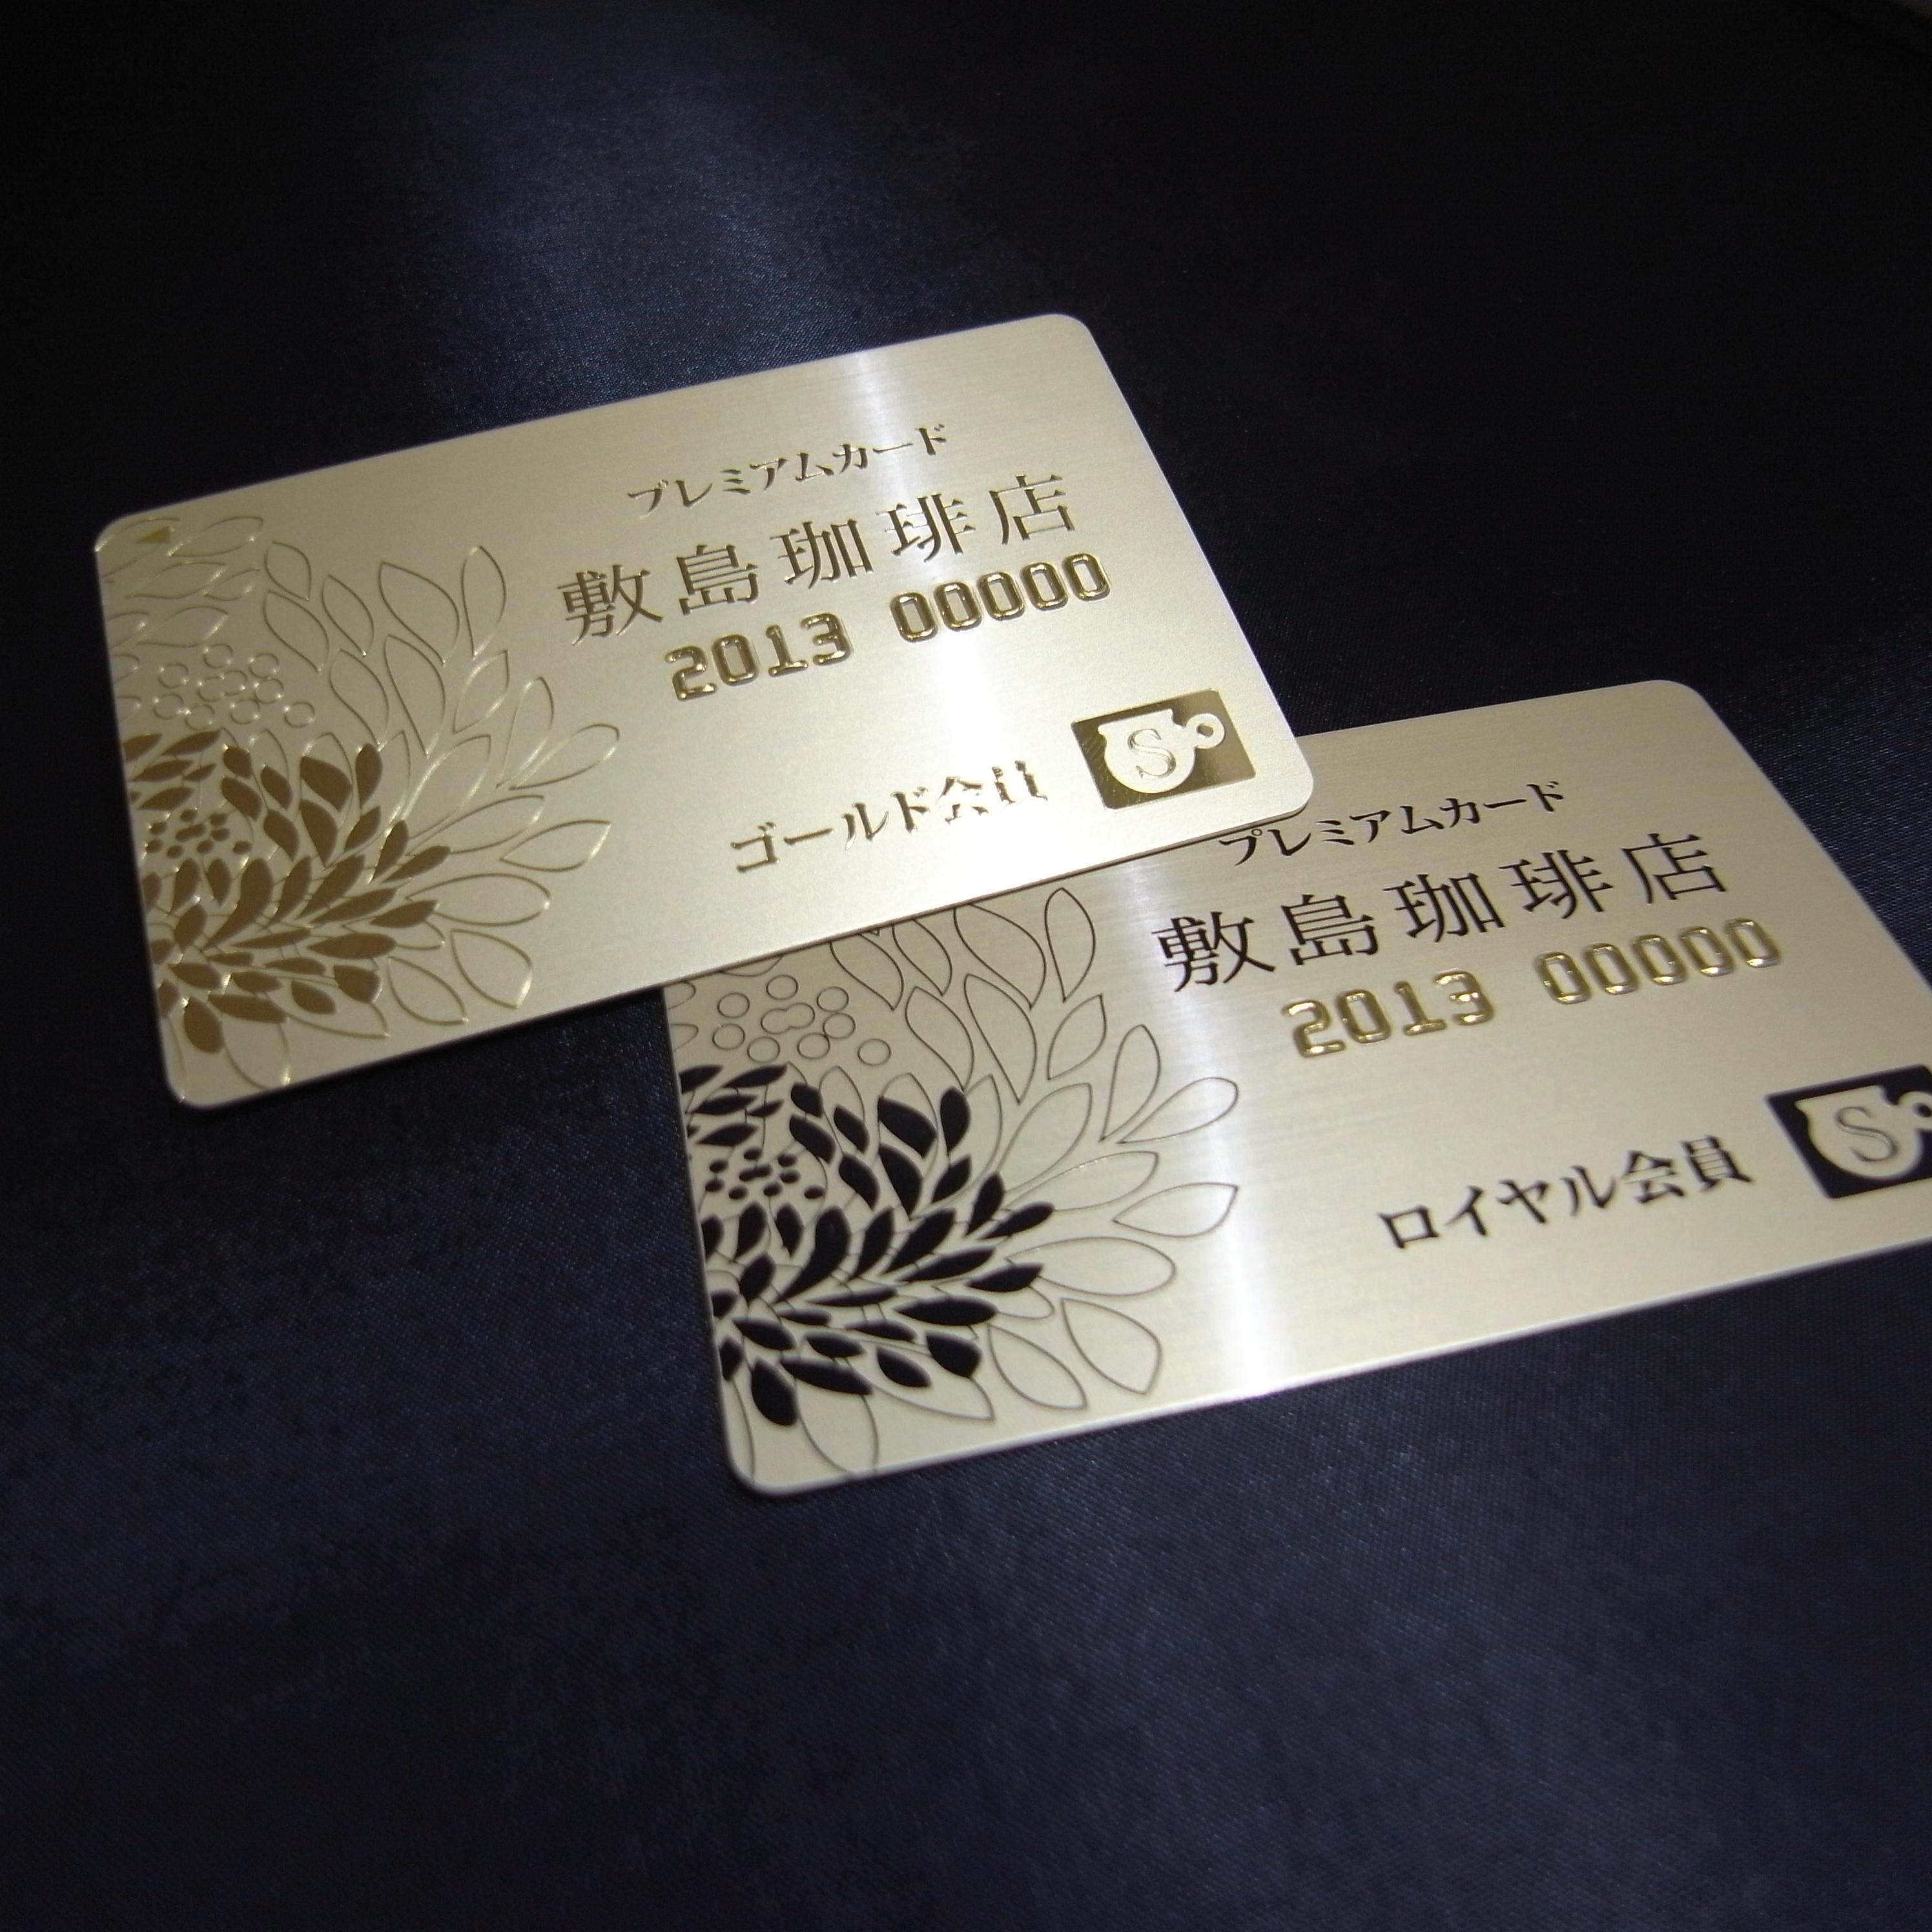 敷島珈琲店VIP向け会員カード